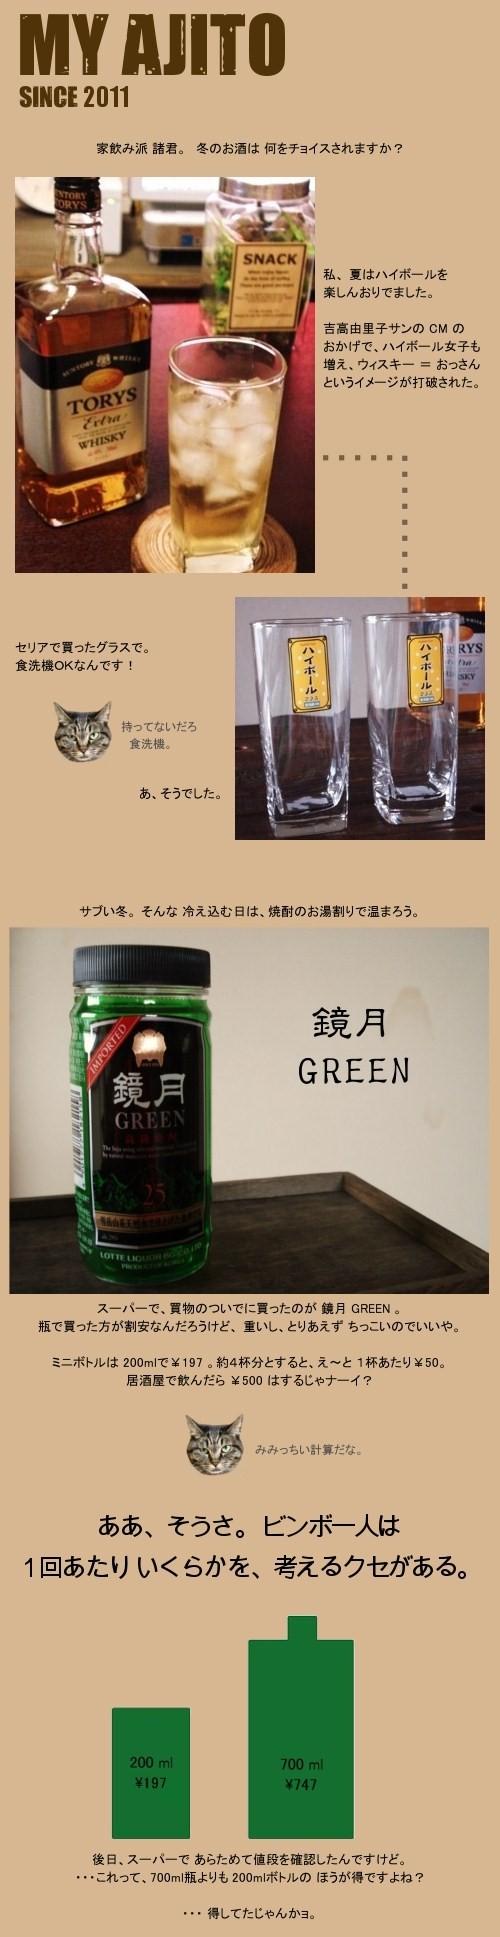 shochu_1.jpg